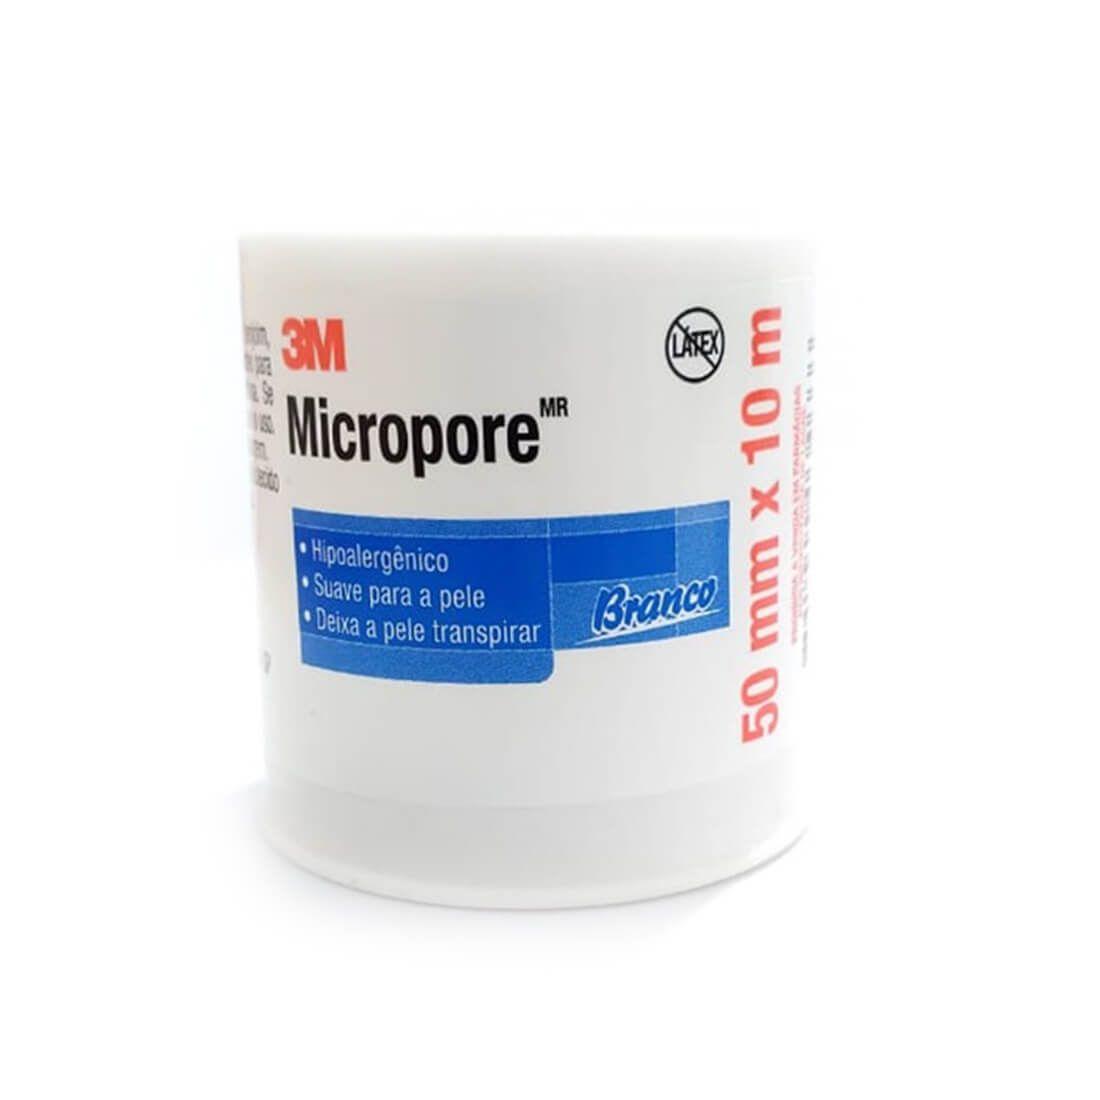 Fita Adesiva Micropore 3M 50mmX10m Branco- 24 unidades